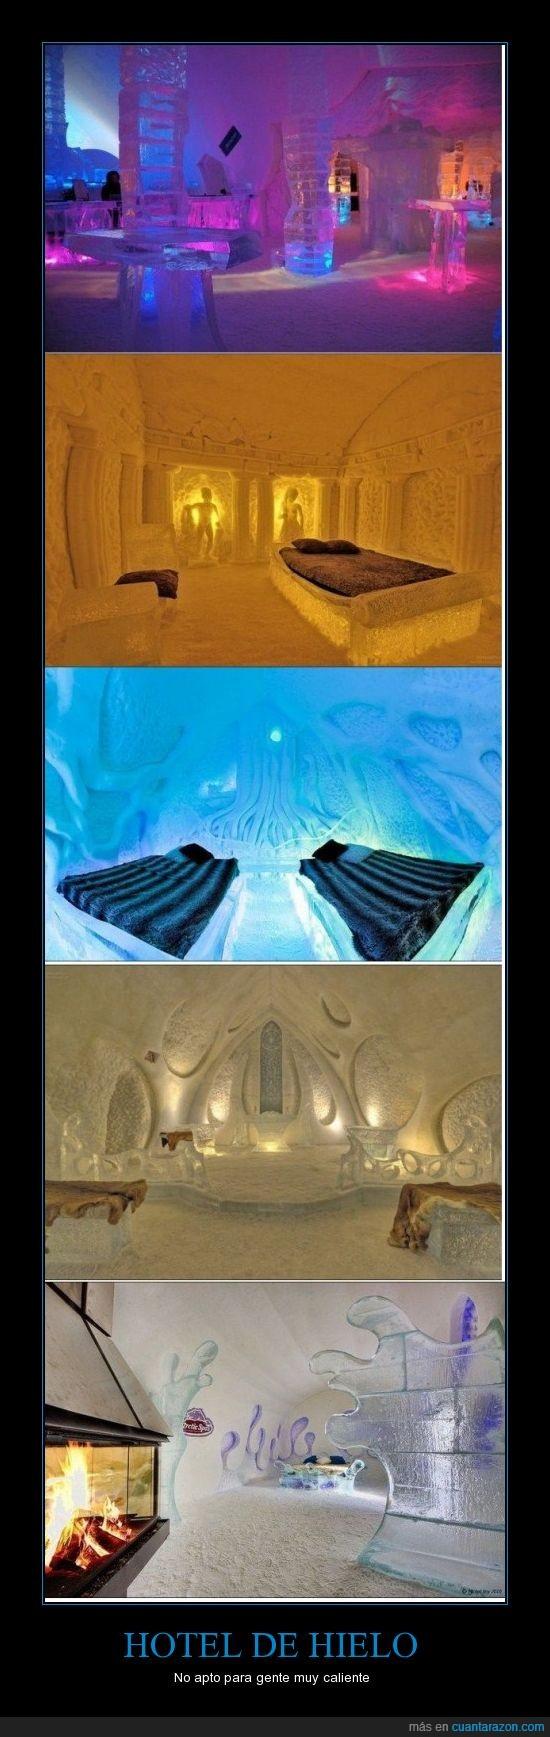 habitaciones,Hotel de hielo